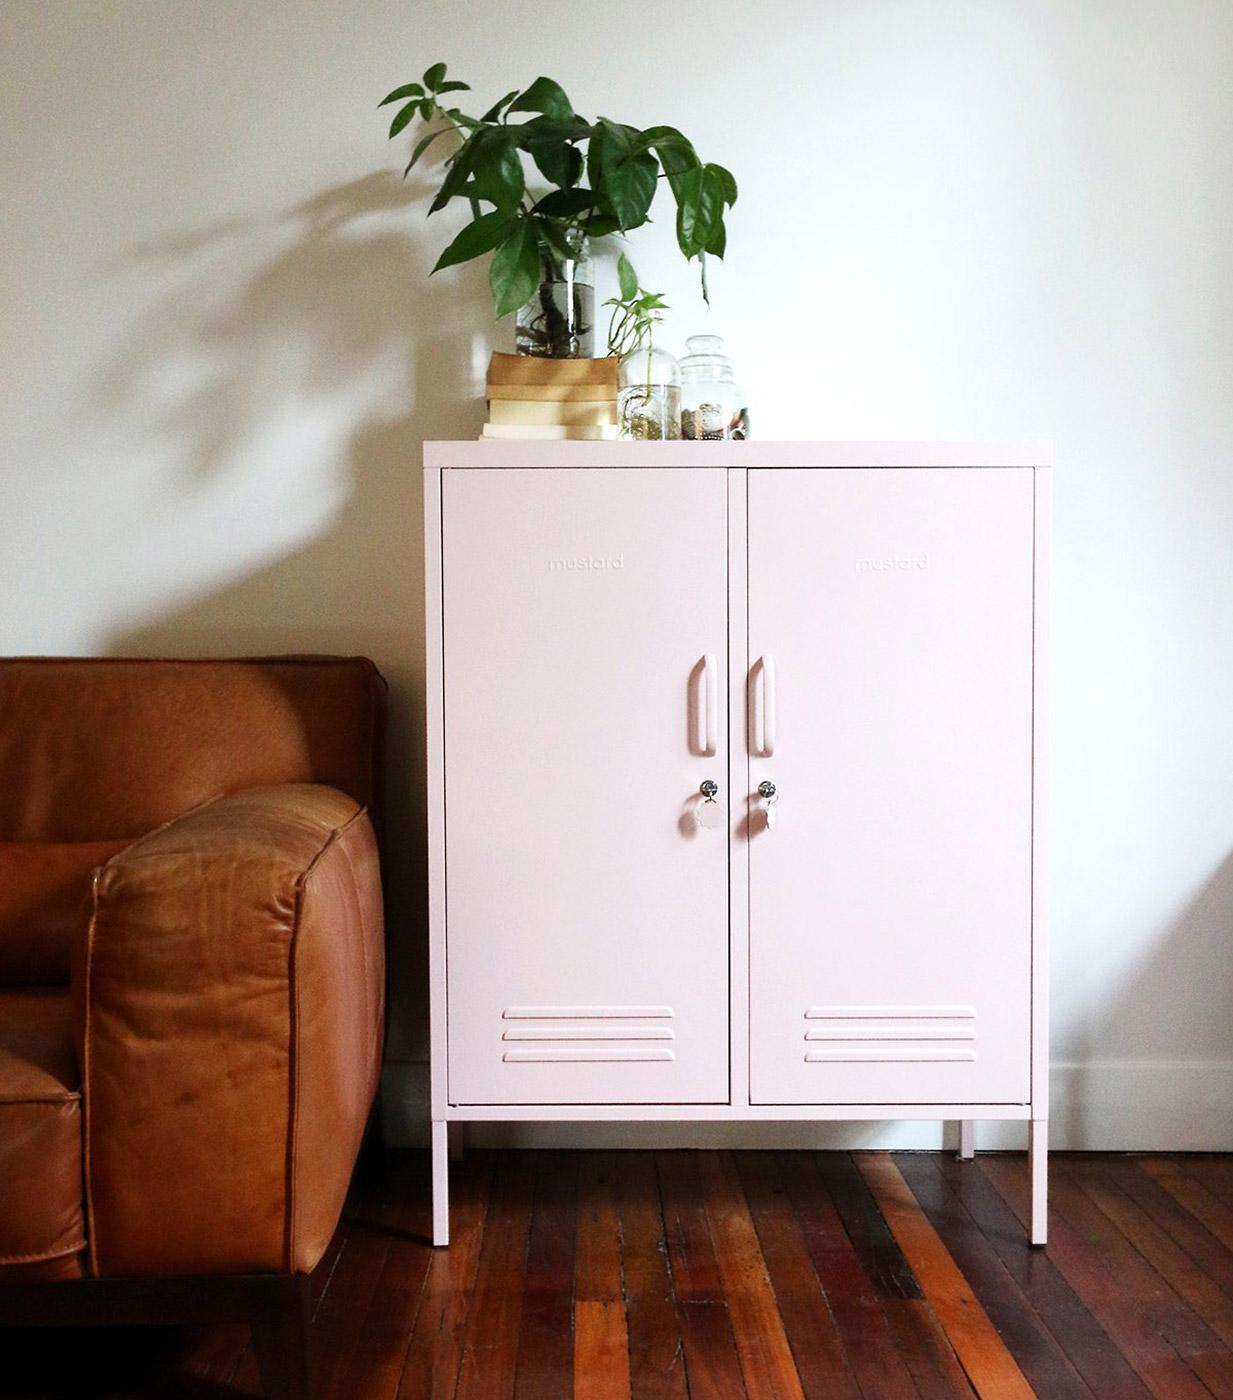 Midi storage cupboard - Blush Pink Locker